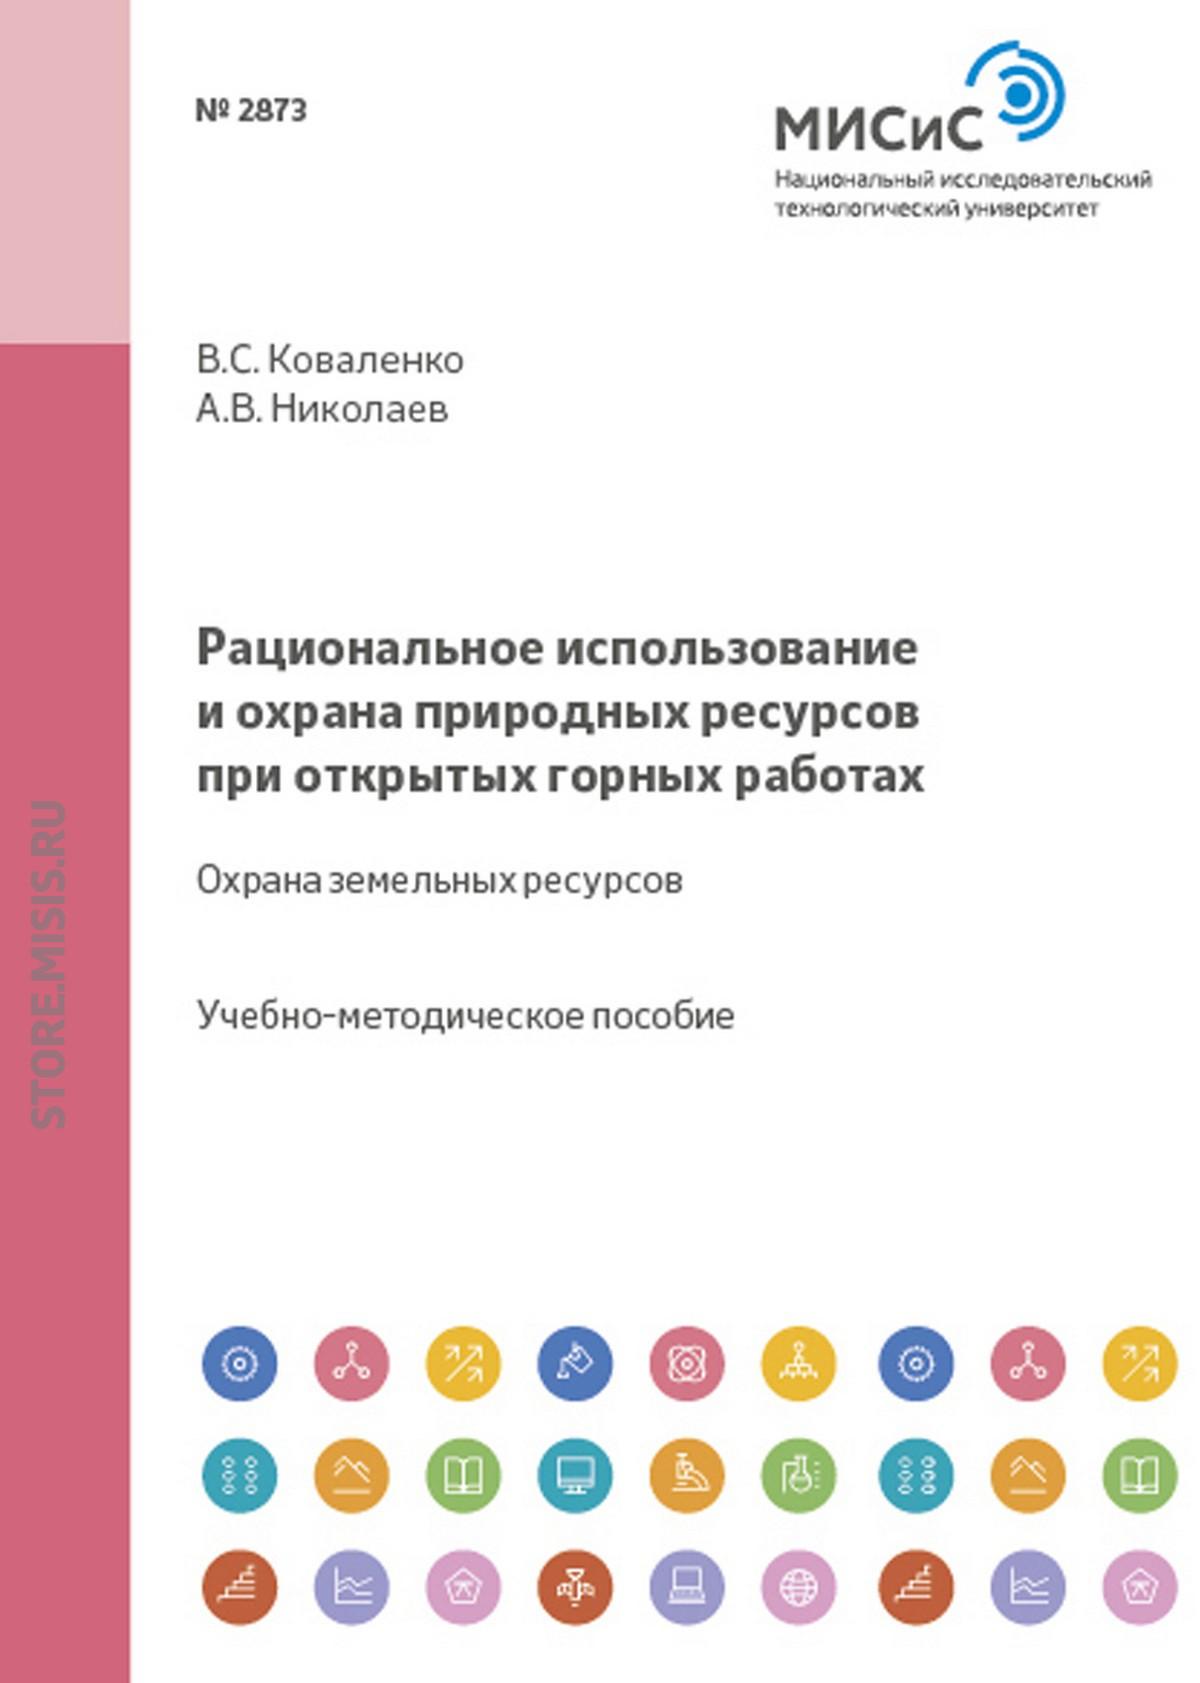 Андрей Николаев Рациональное использование и охрана природных ресурсов при открытых горных работах с шемякин ведение открытых горных работ на основе совершенствования выемки пород